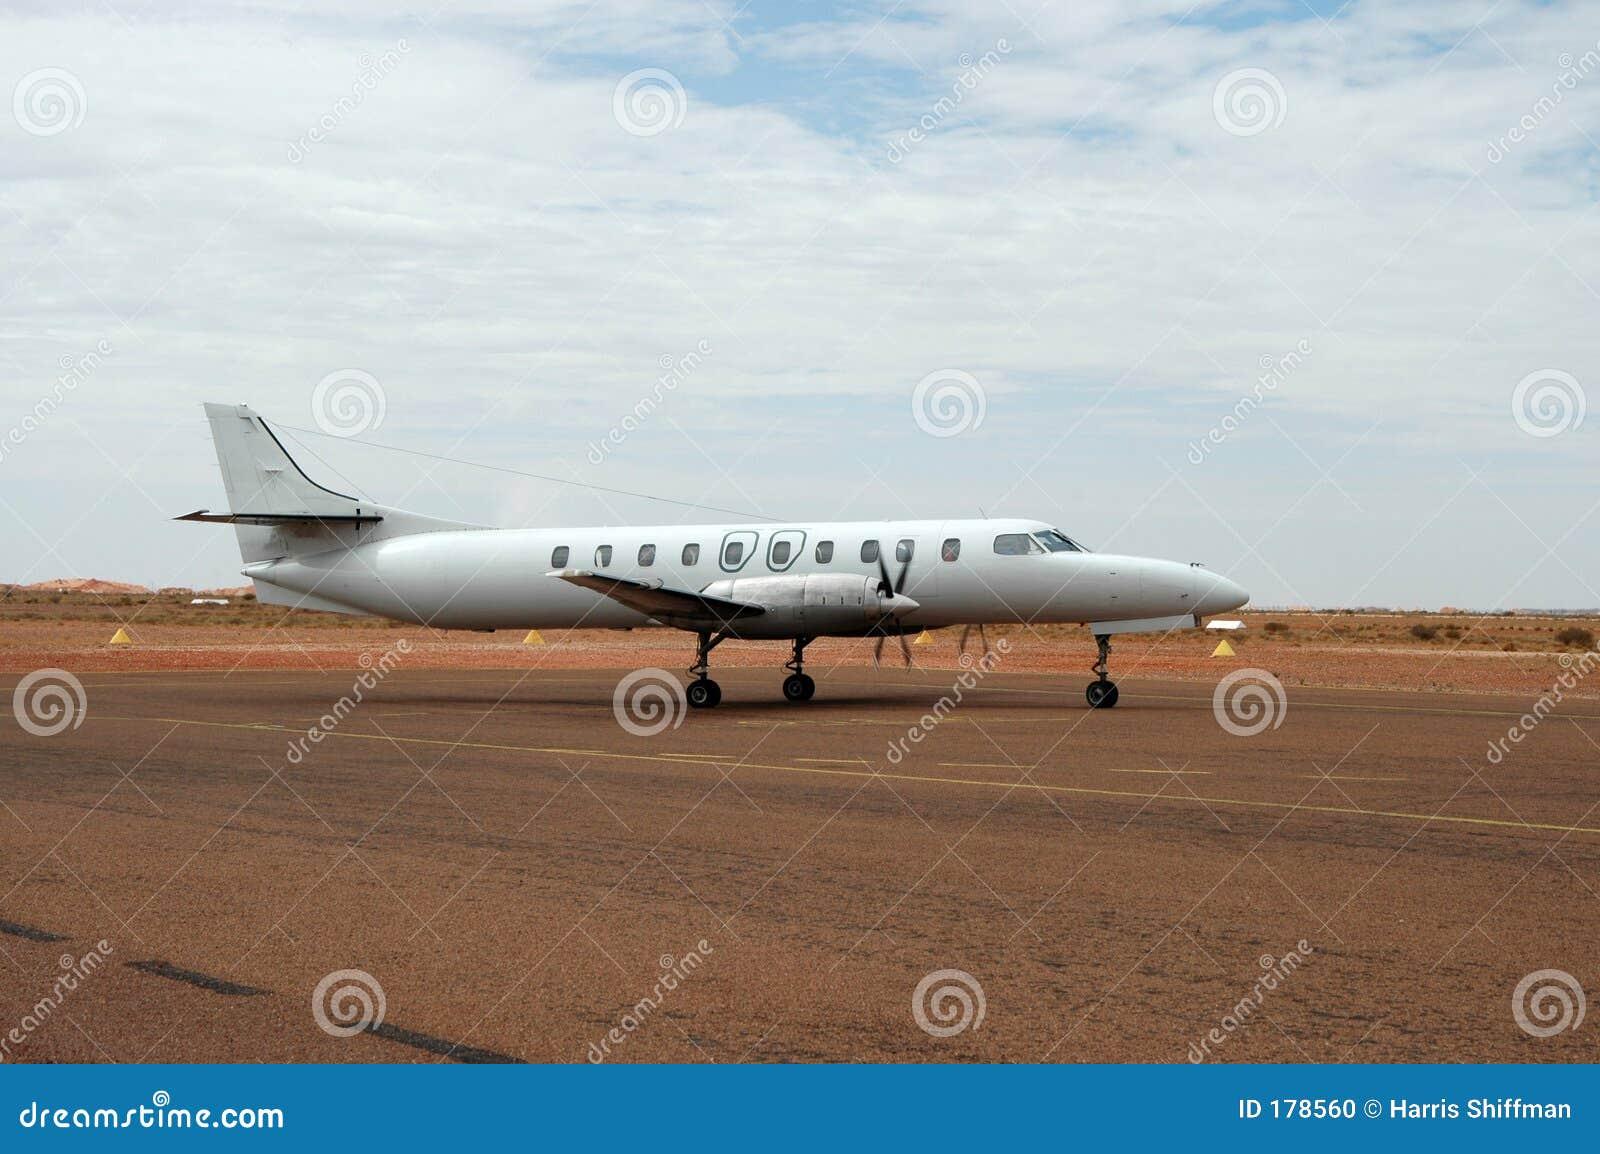 να μετακινηθεί με ταξί αεροπλάνων